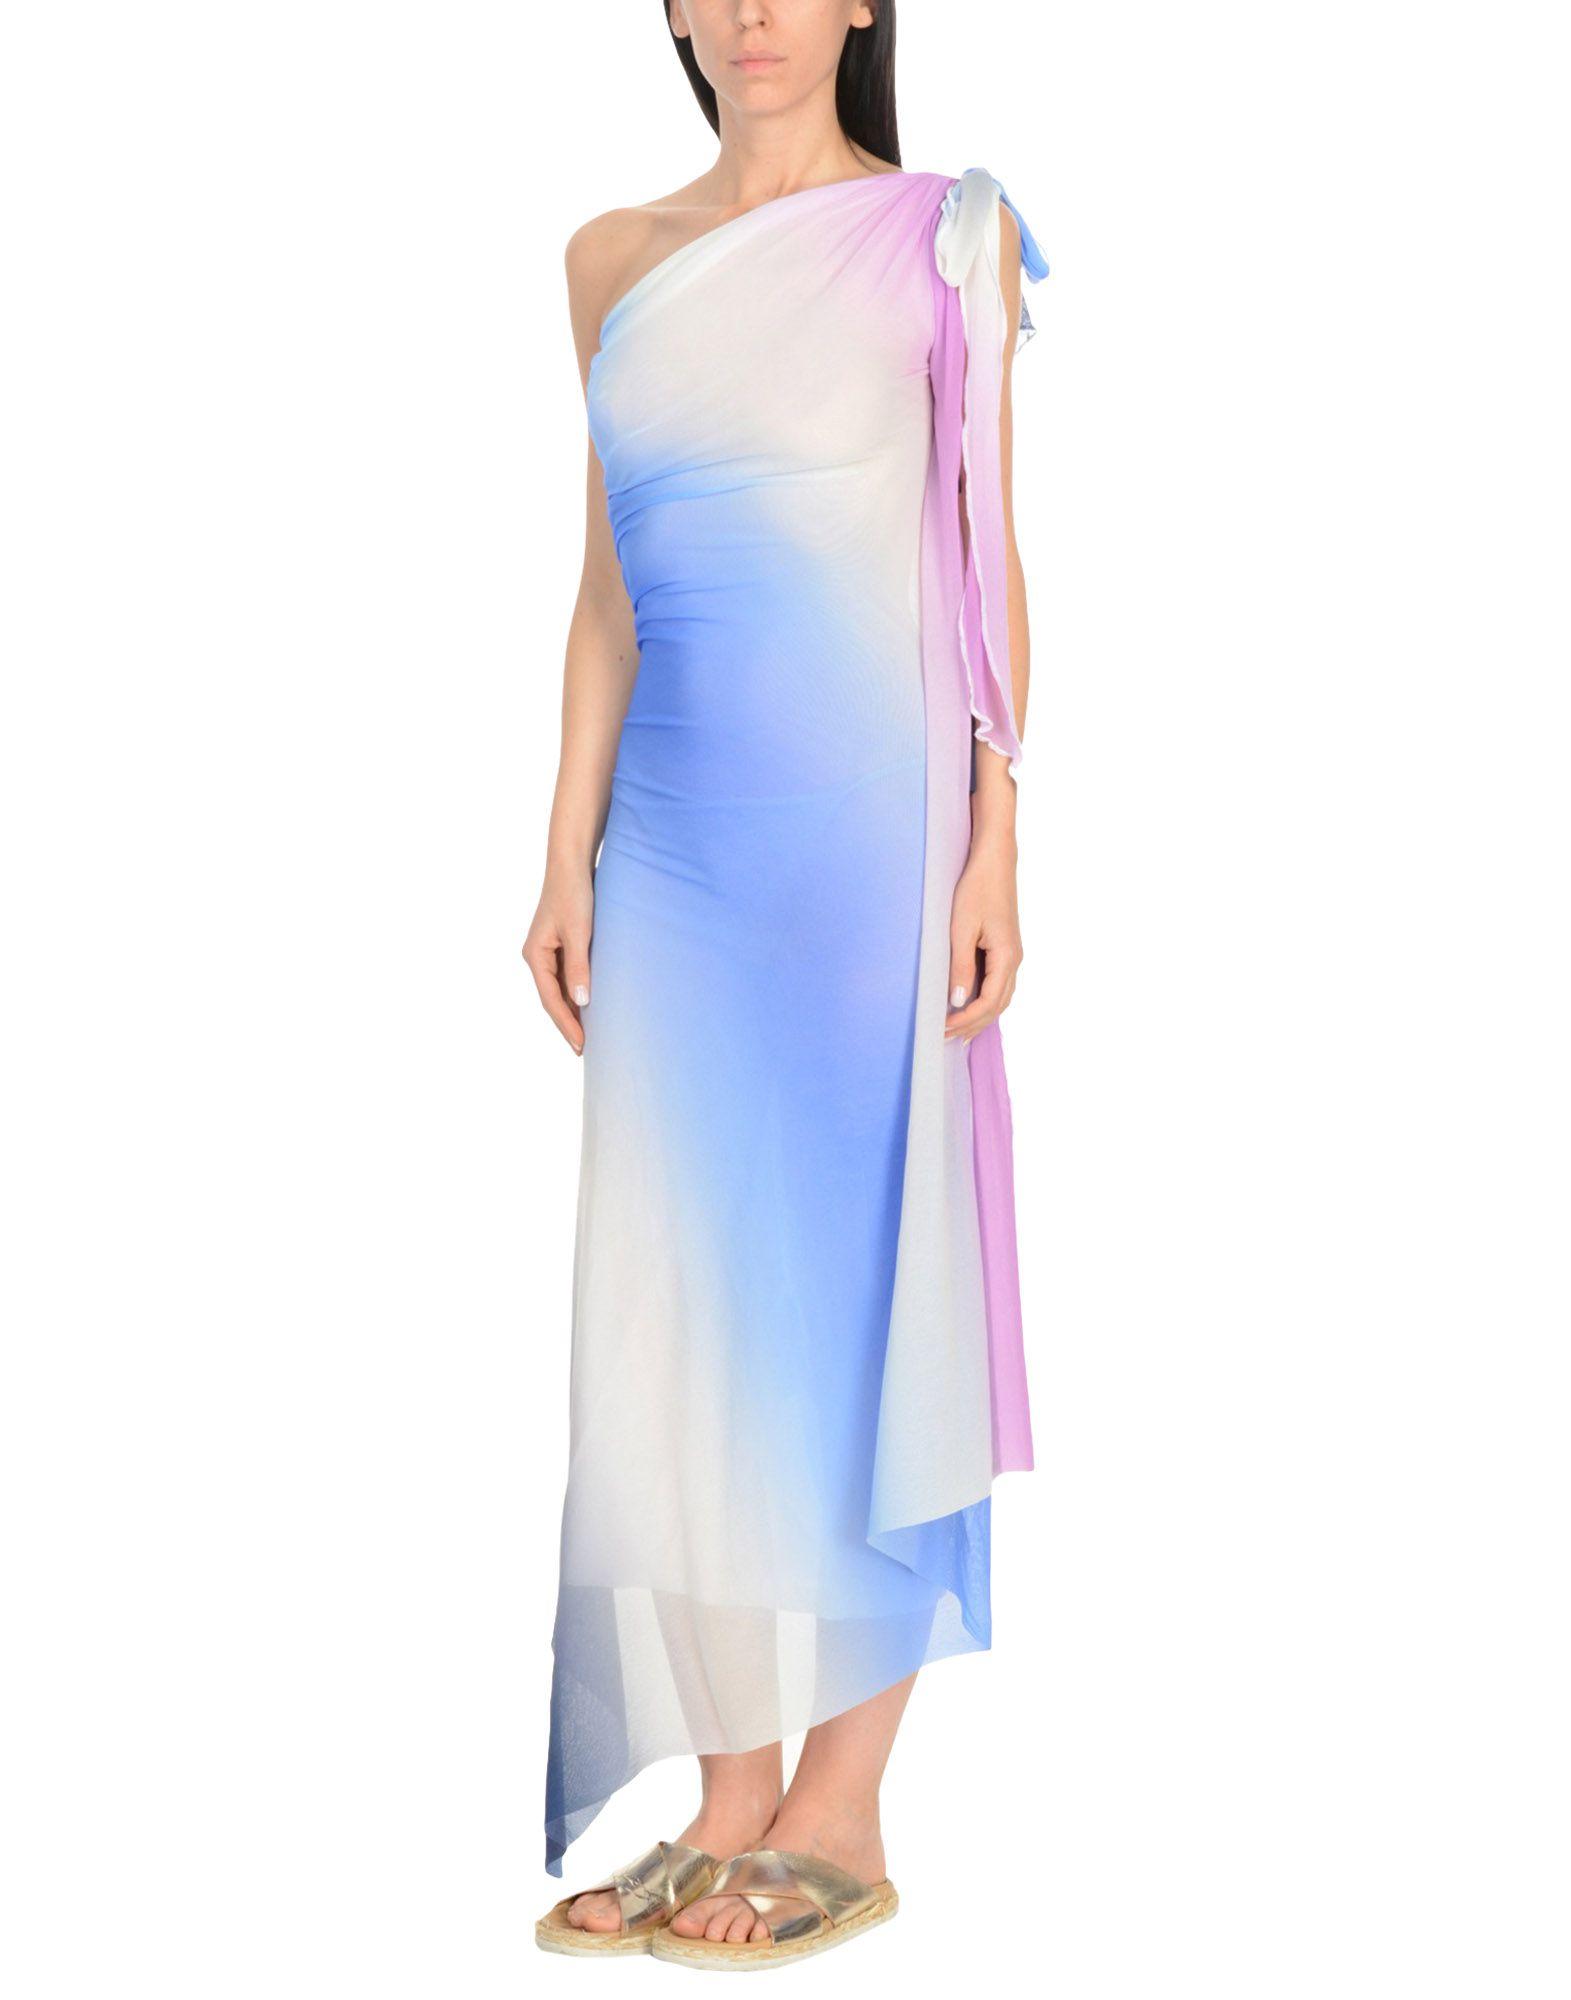 цена на JEAN PAUL GAULTIER SOLEIL Пляжное платье